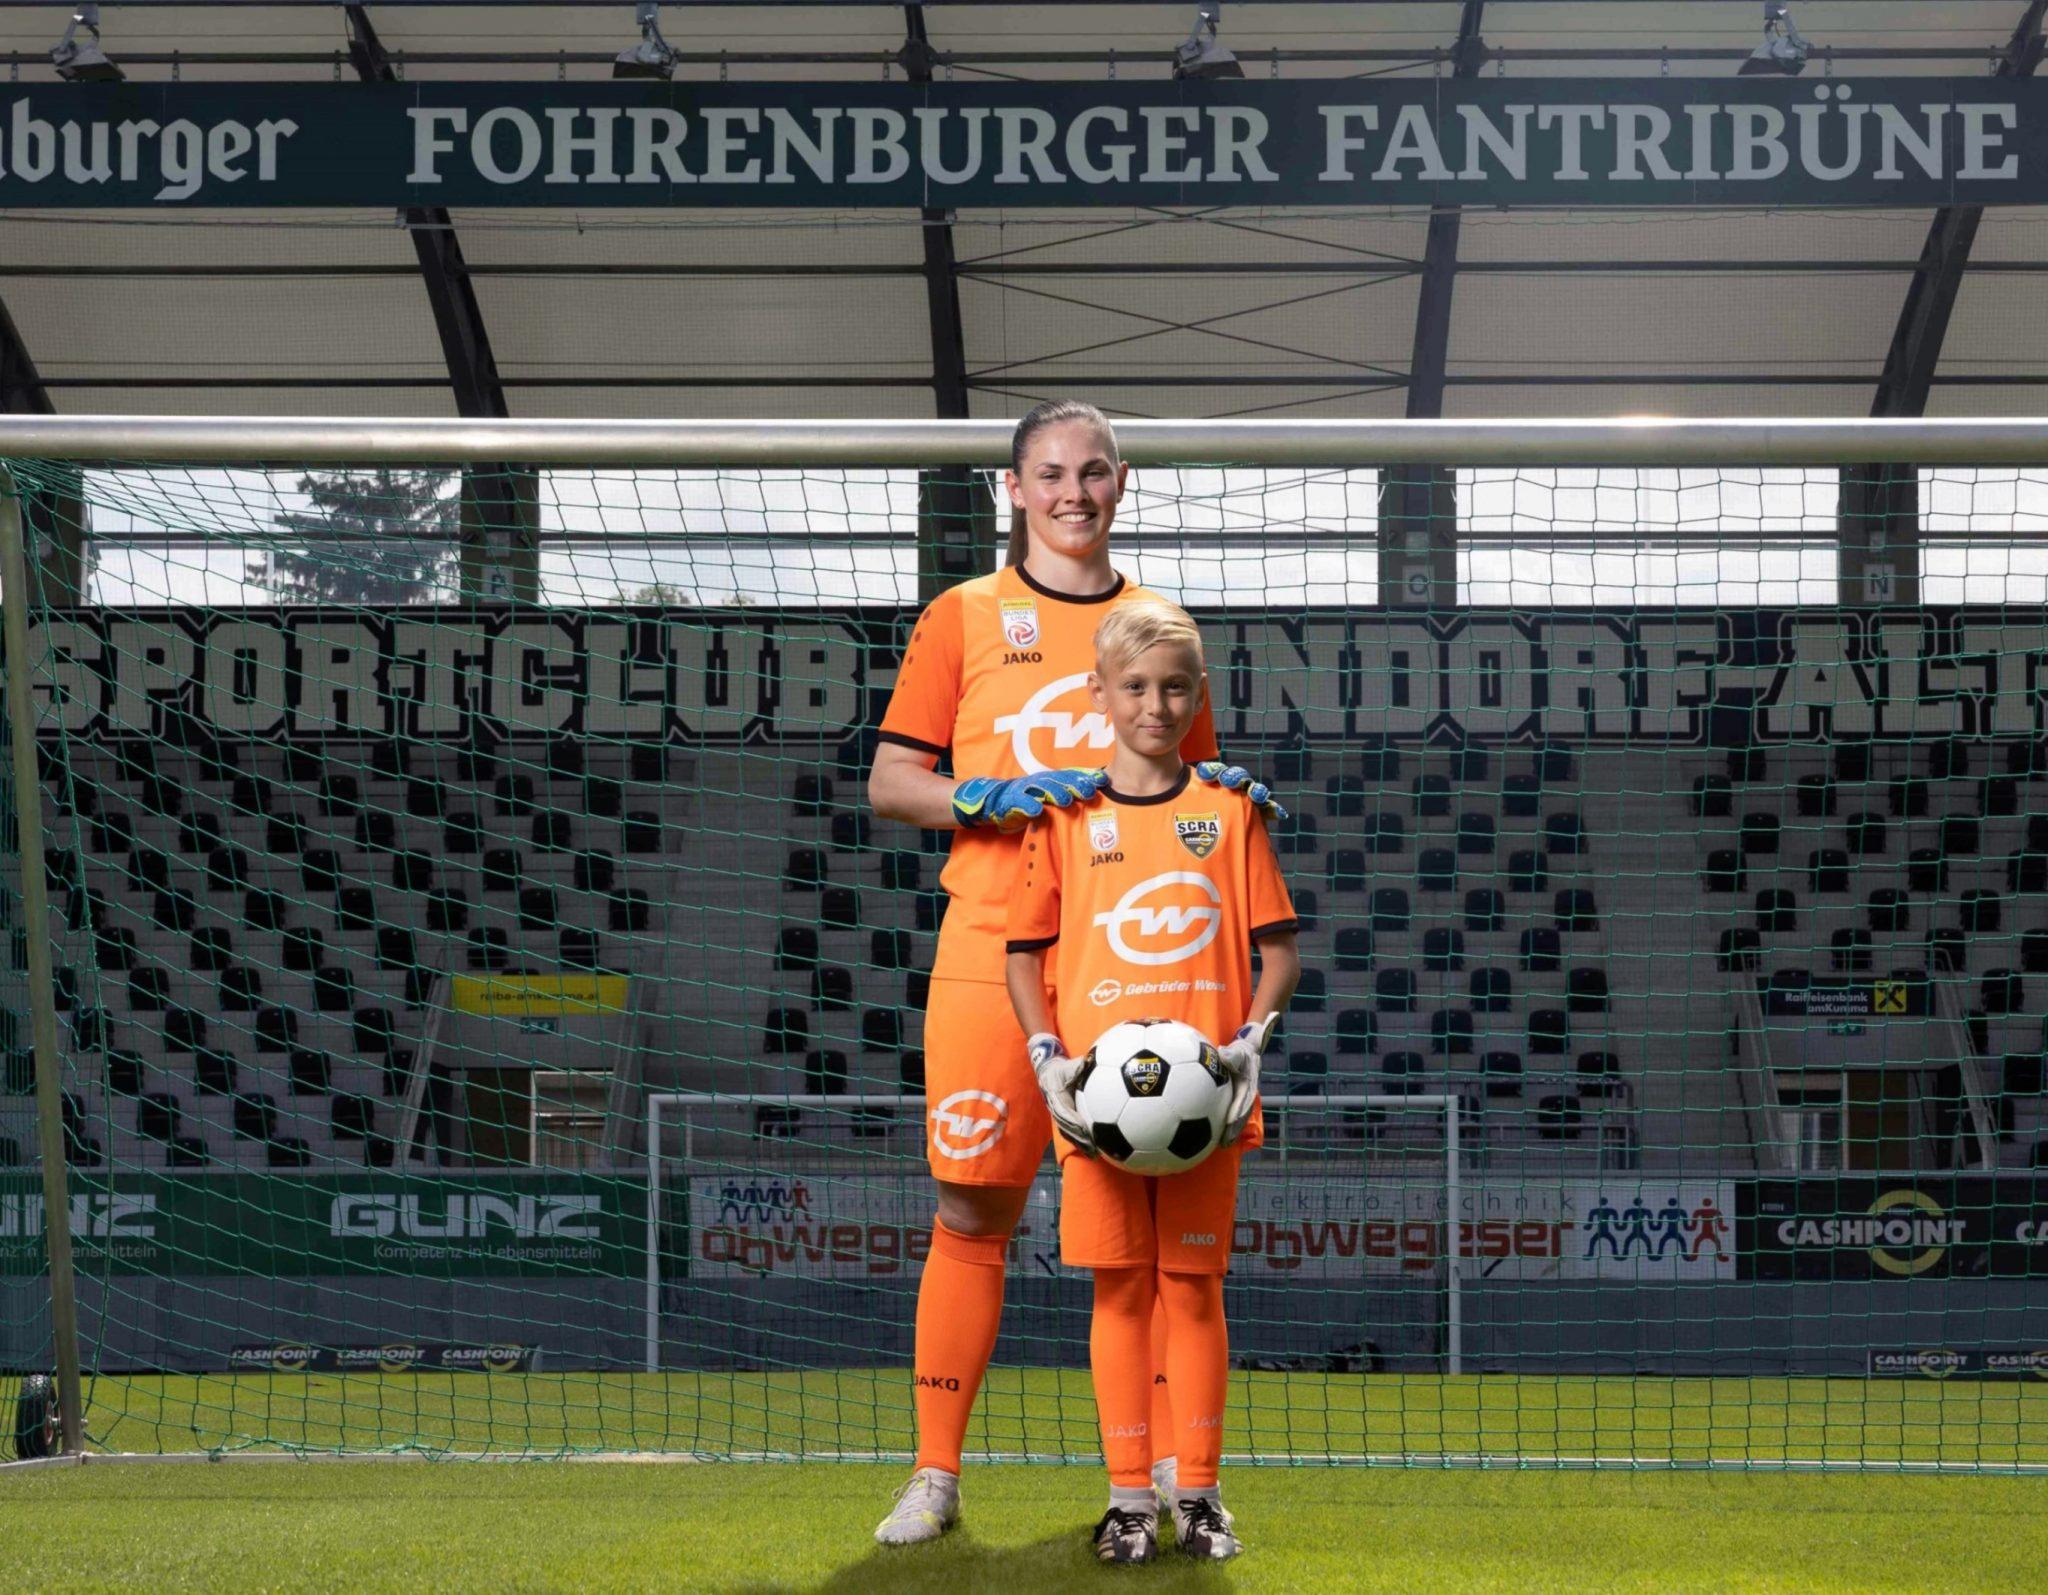 Gebrüder Weiss outfits goalkeeper